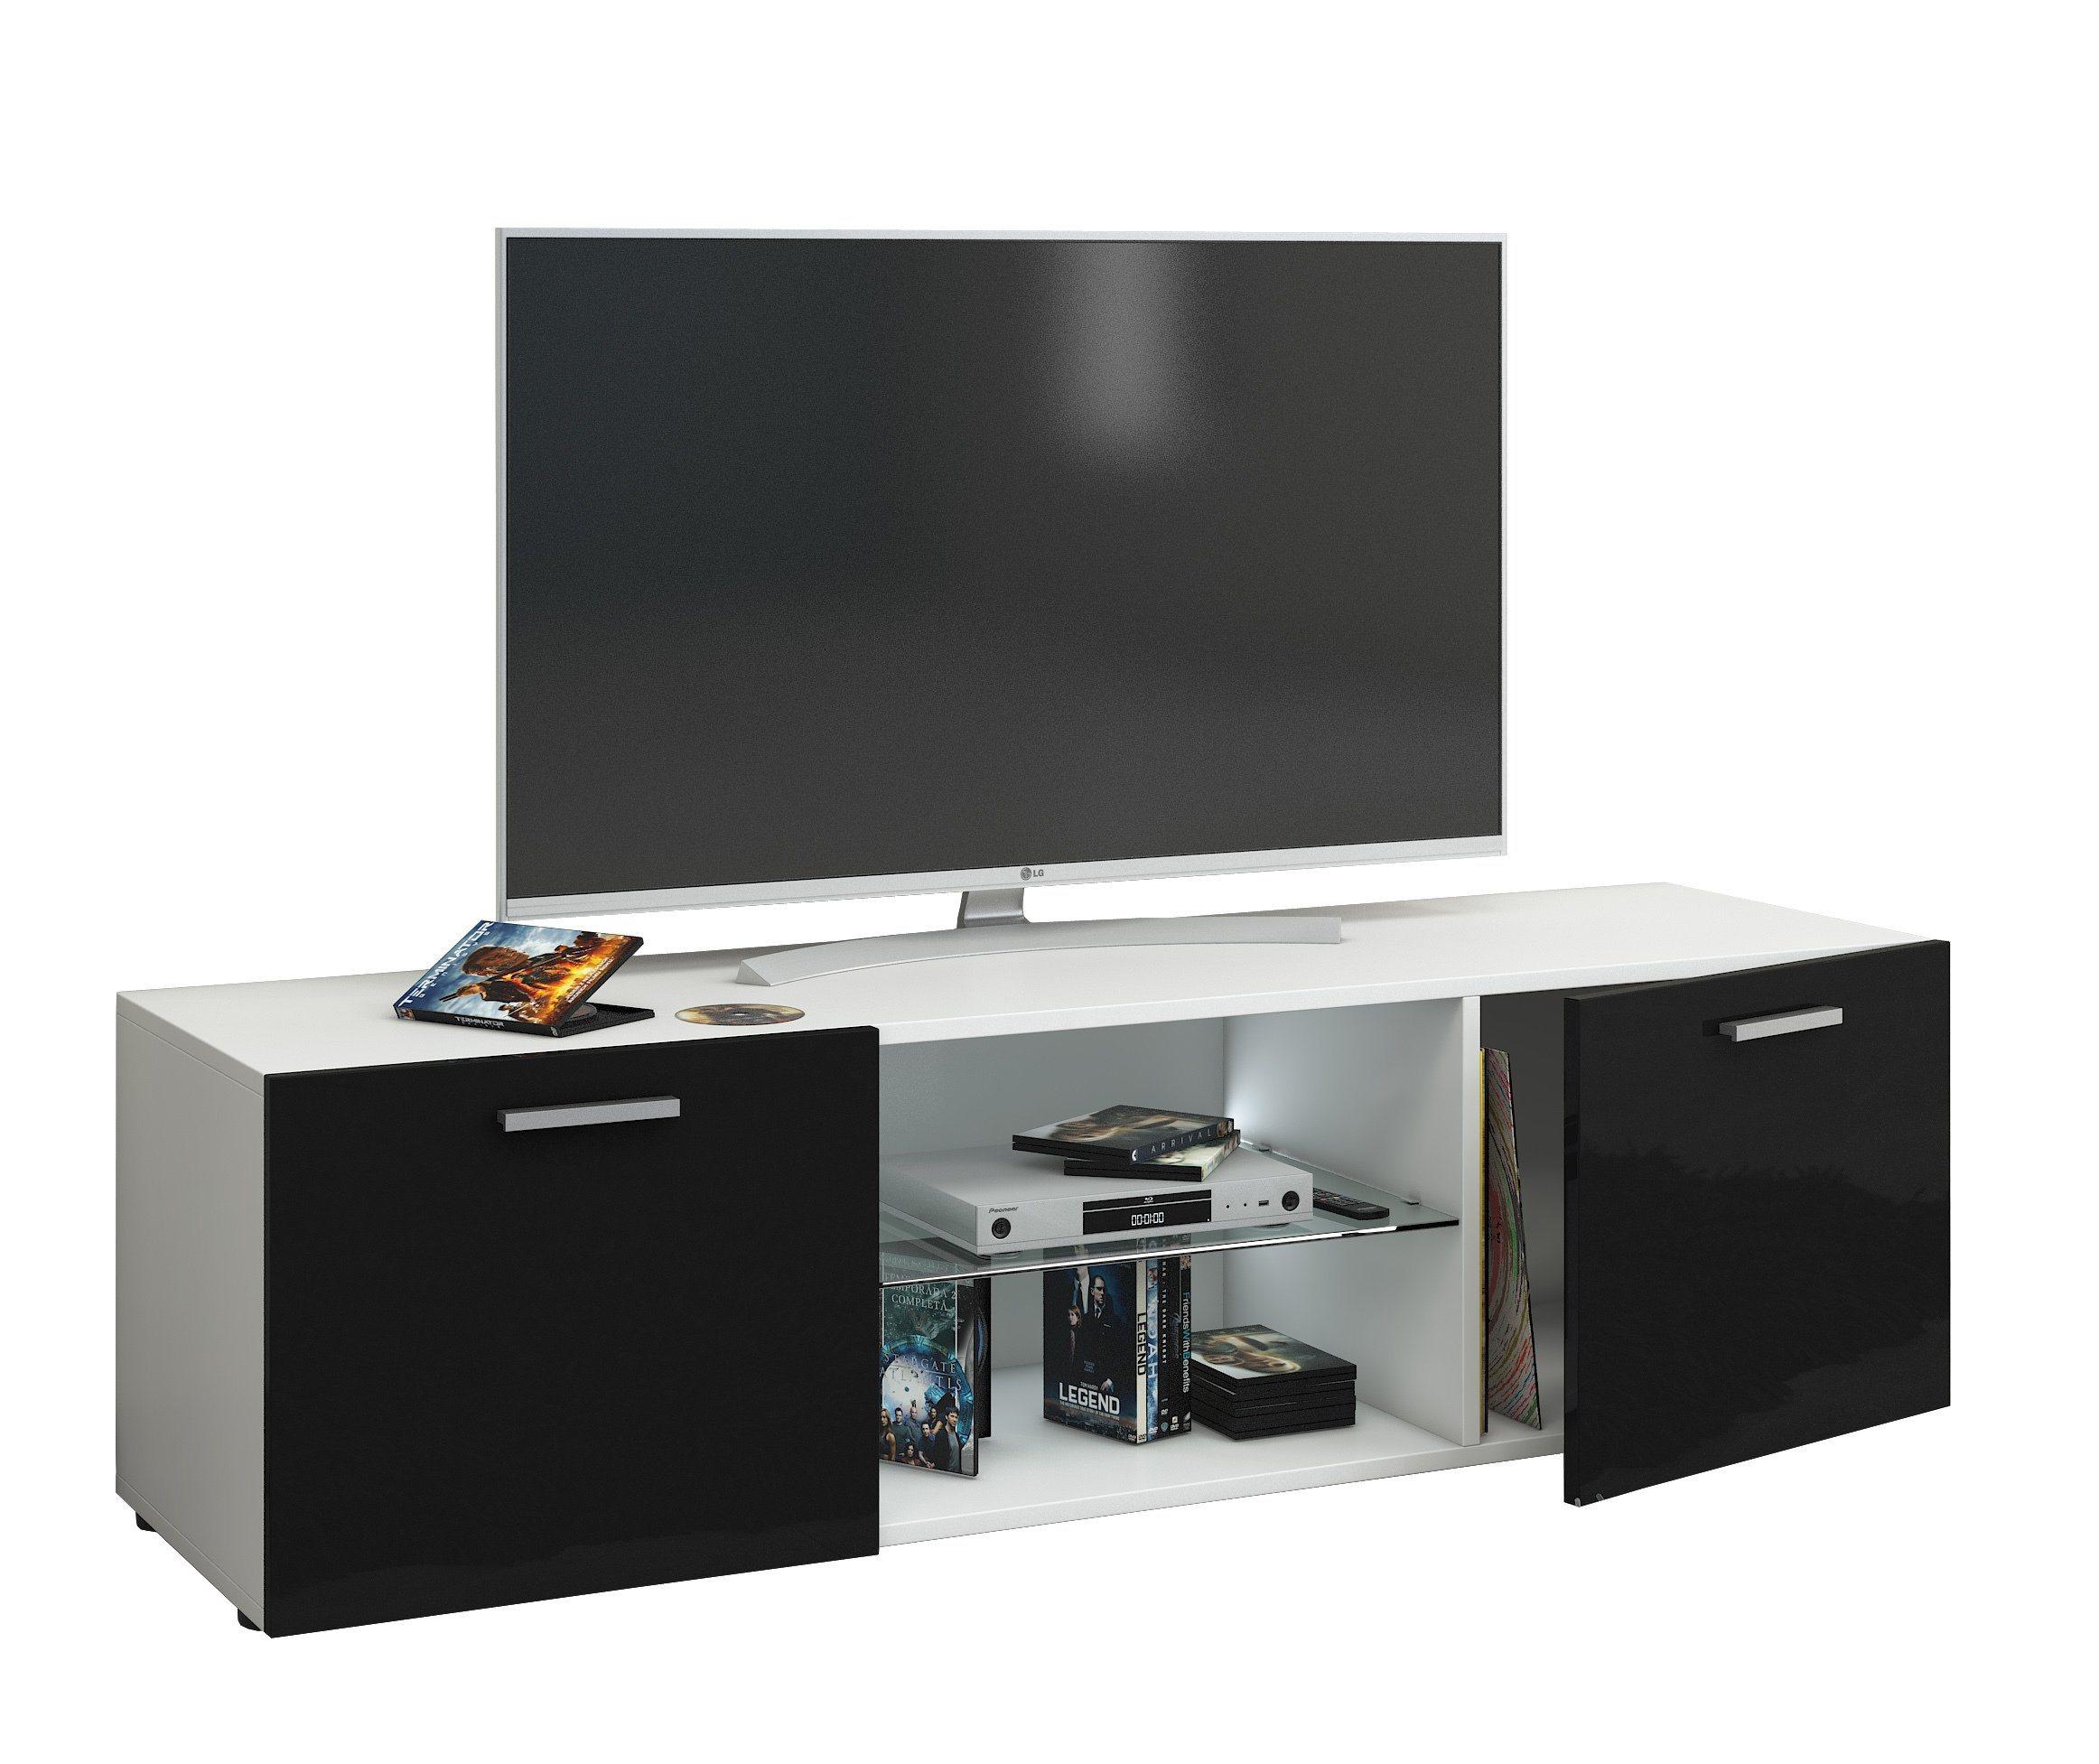 wandboard hochglanz preisvergleich die besten angebote online kaufen. Black Bedroom Furniture Sets. Home Design Ideas